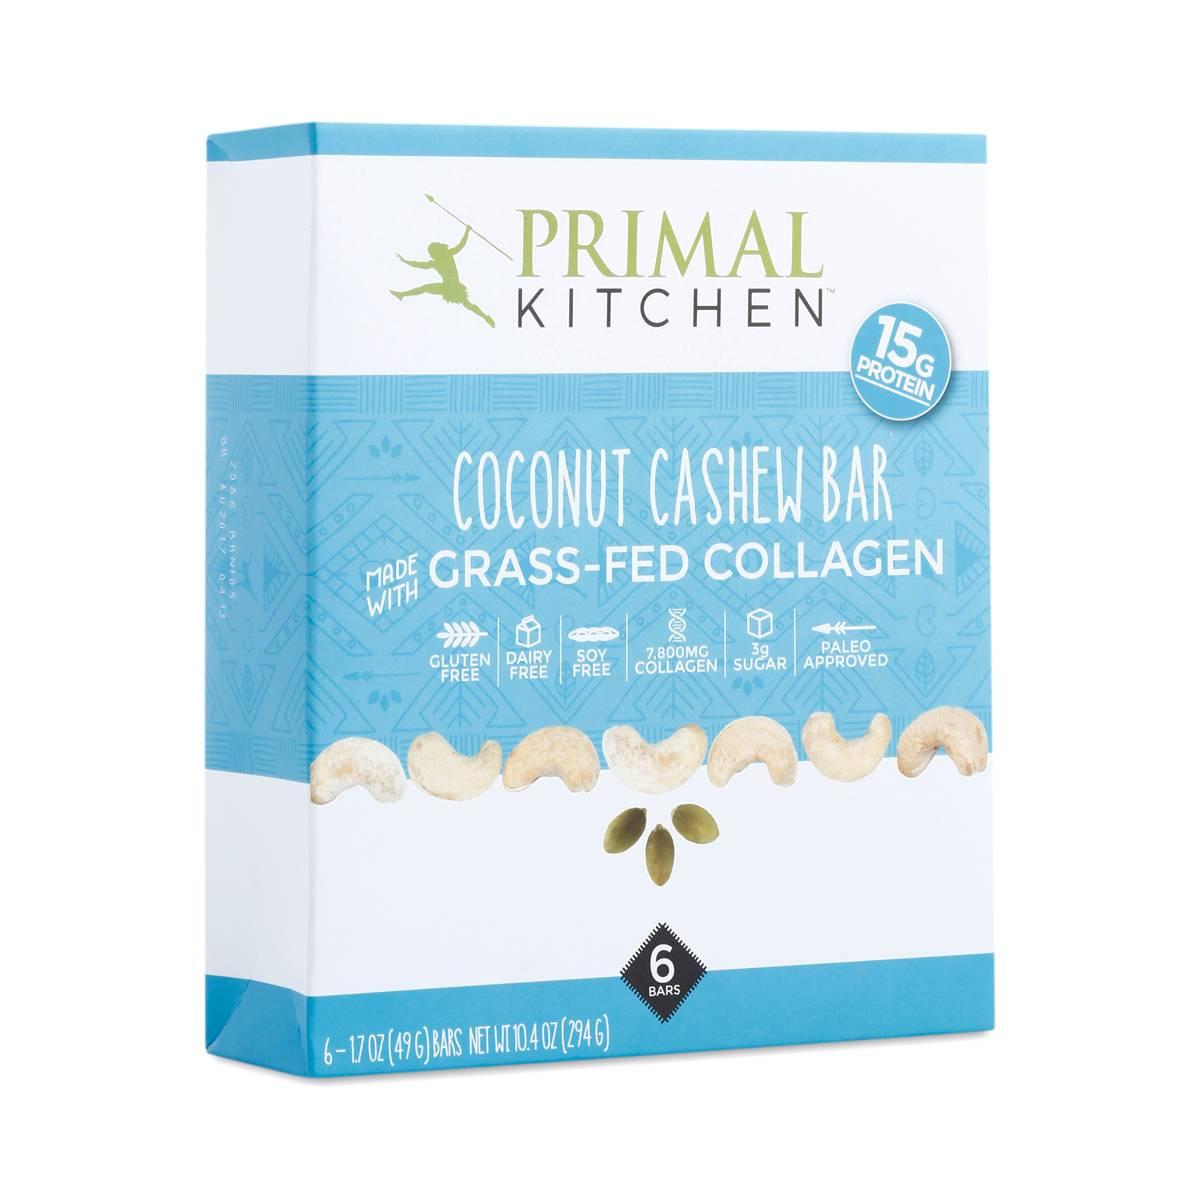 Primal Kitchen Ranch 6-pack coconut collagen barprimal kitchen - thrive market